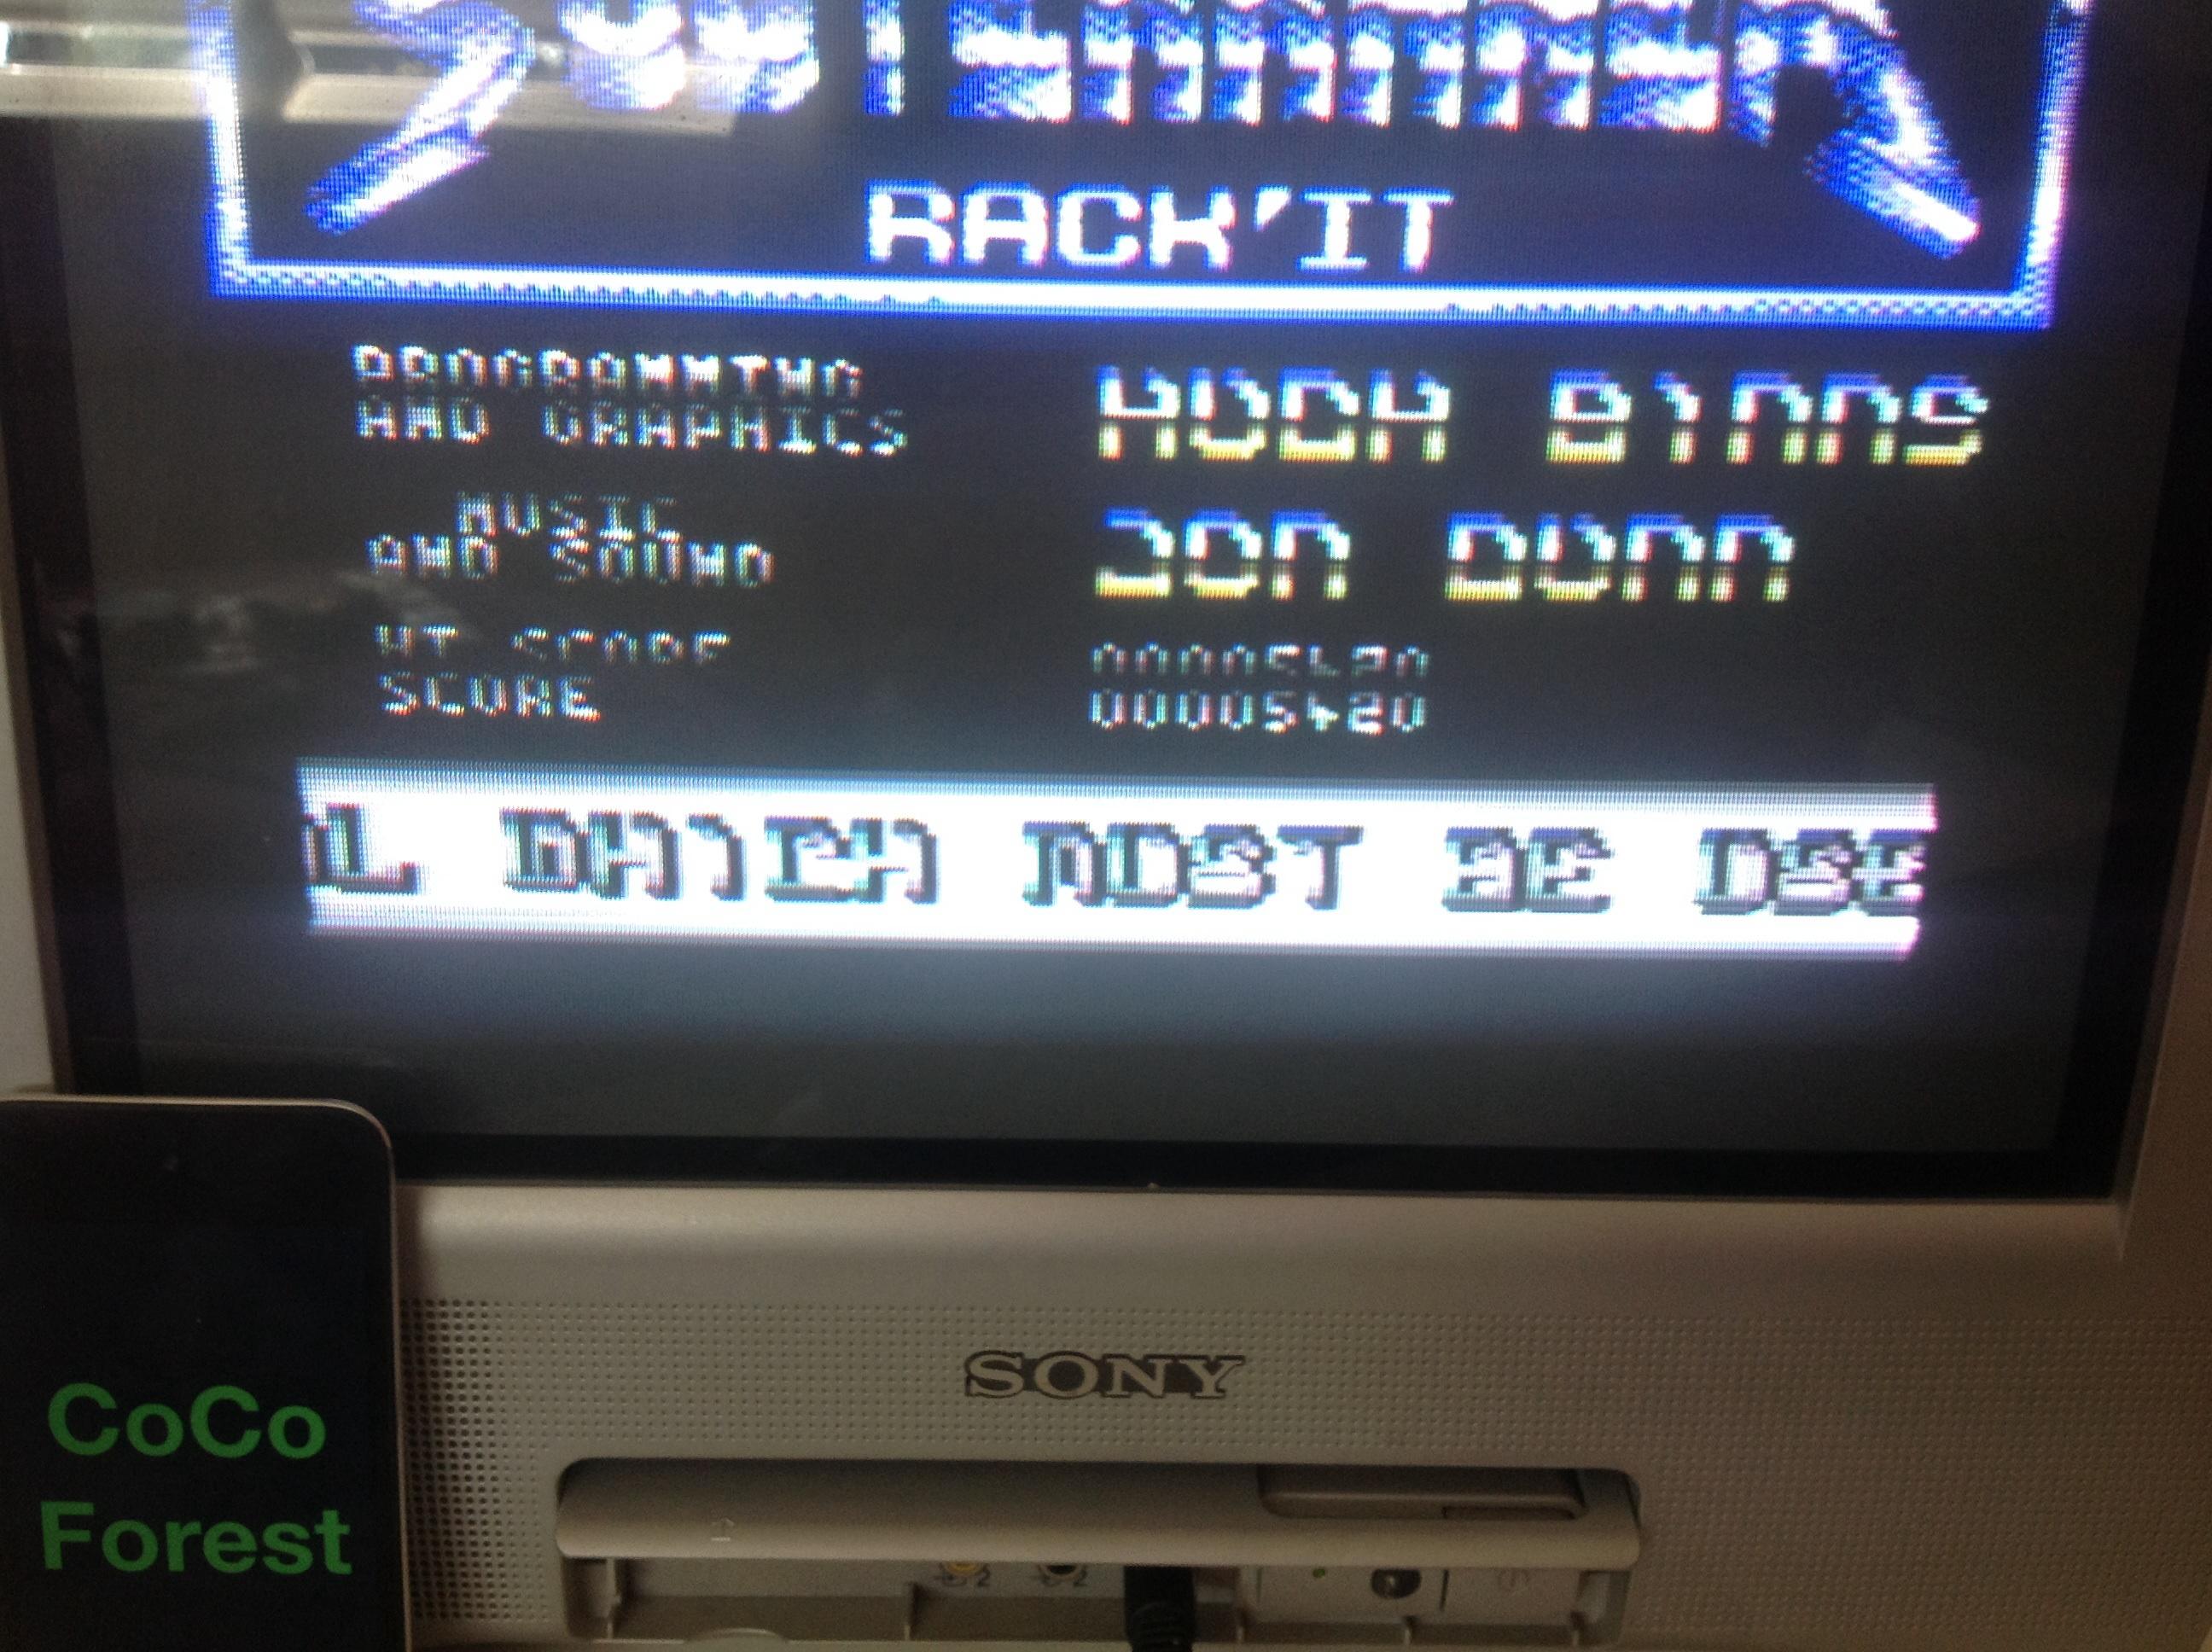 CoCoForest: Subterranea (Commodore 64) 5,420 points on 2014-09-07 08:11:19